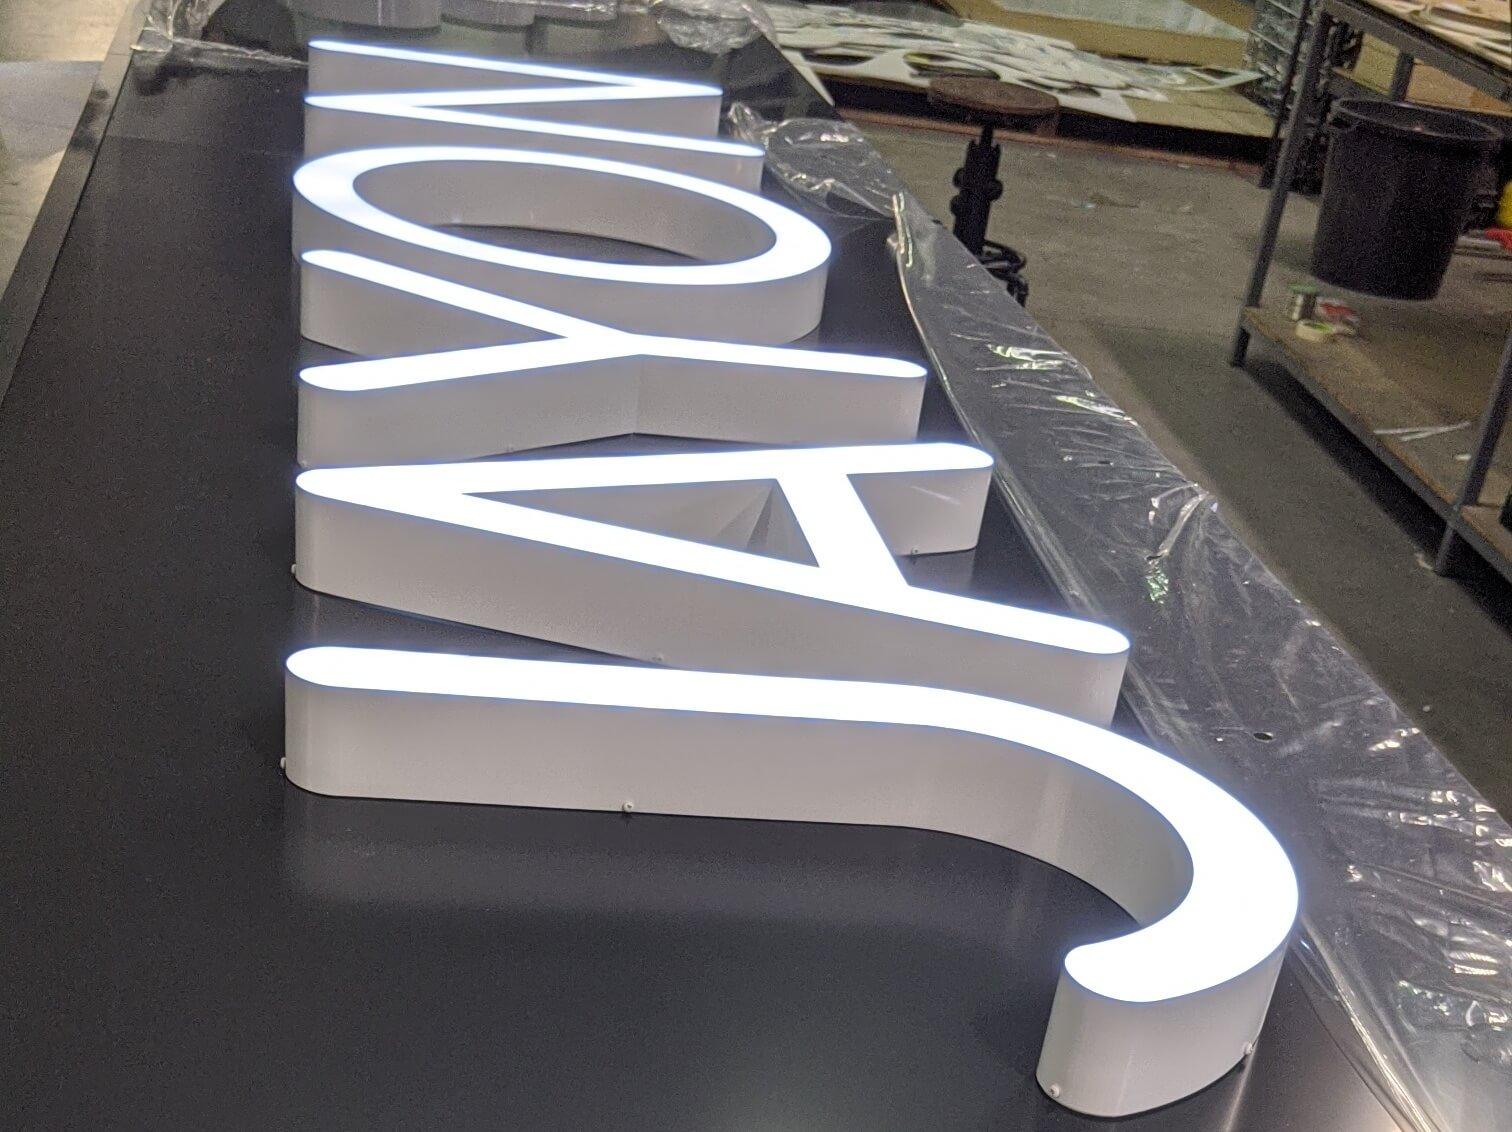 Enseigne lumineuse Lyon- Enseigne lumineuse led pharmacie du Jayon Grigny - Fabrication enseigne sur-mesure